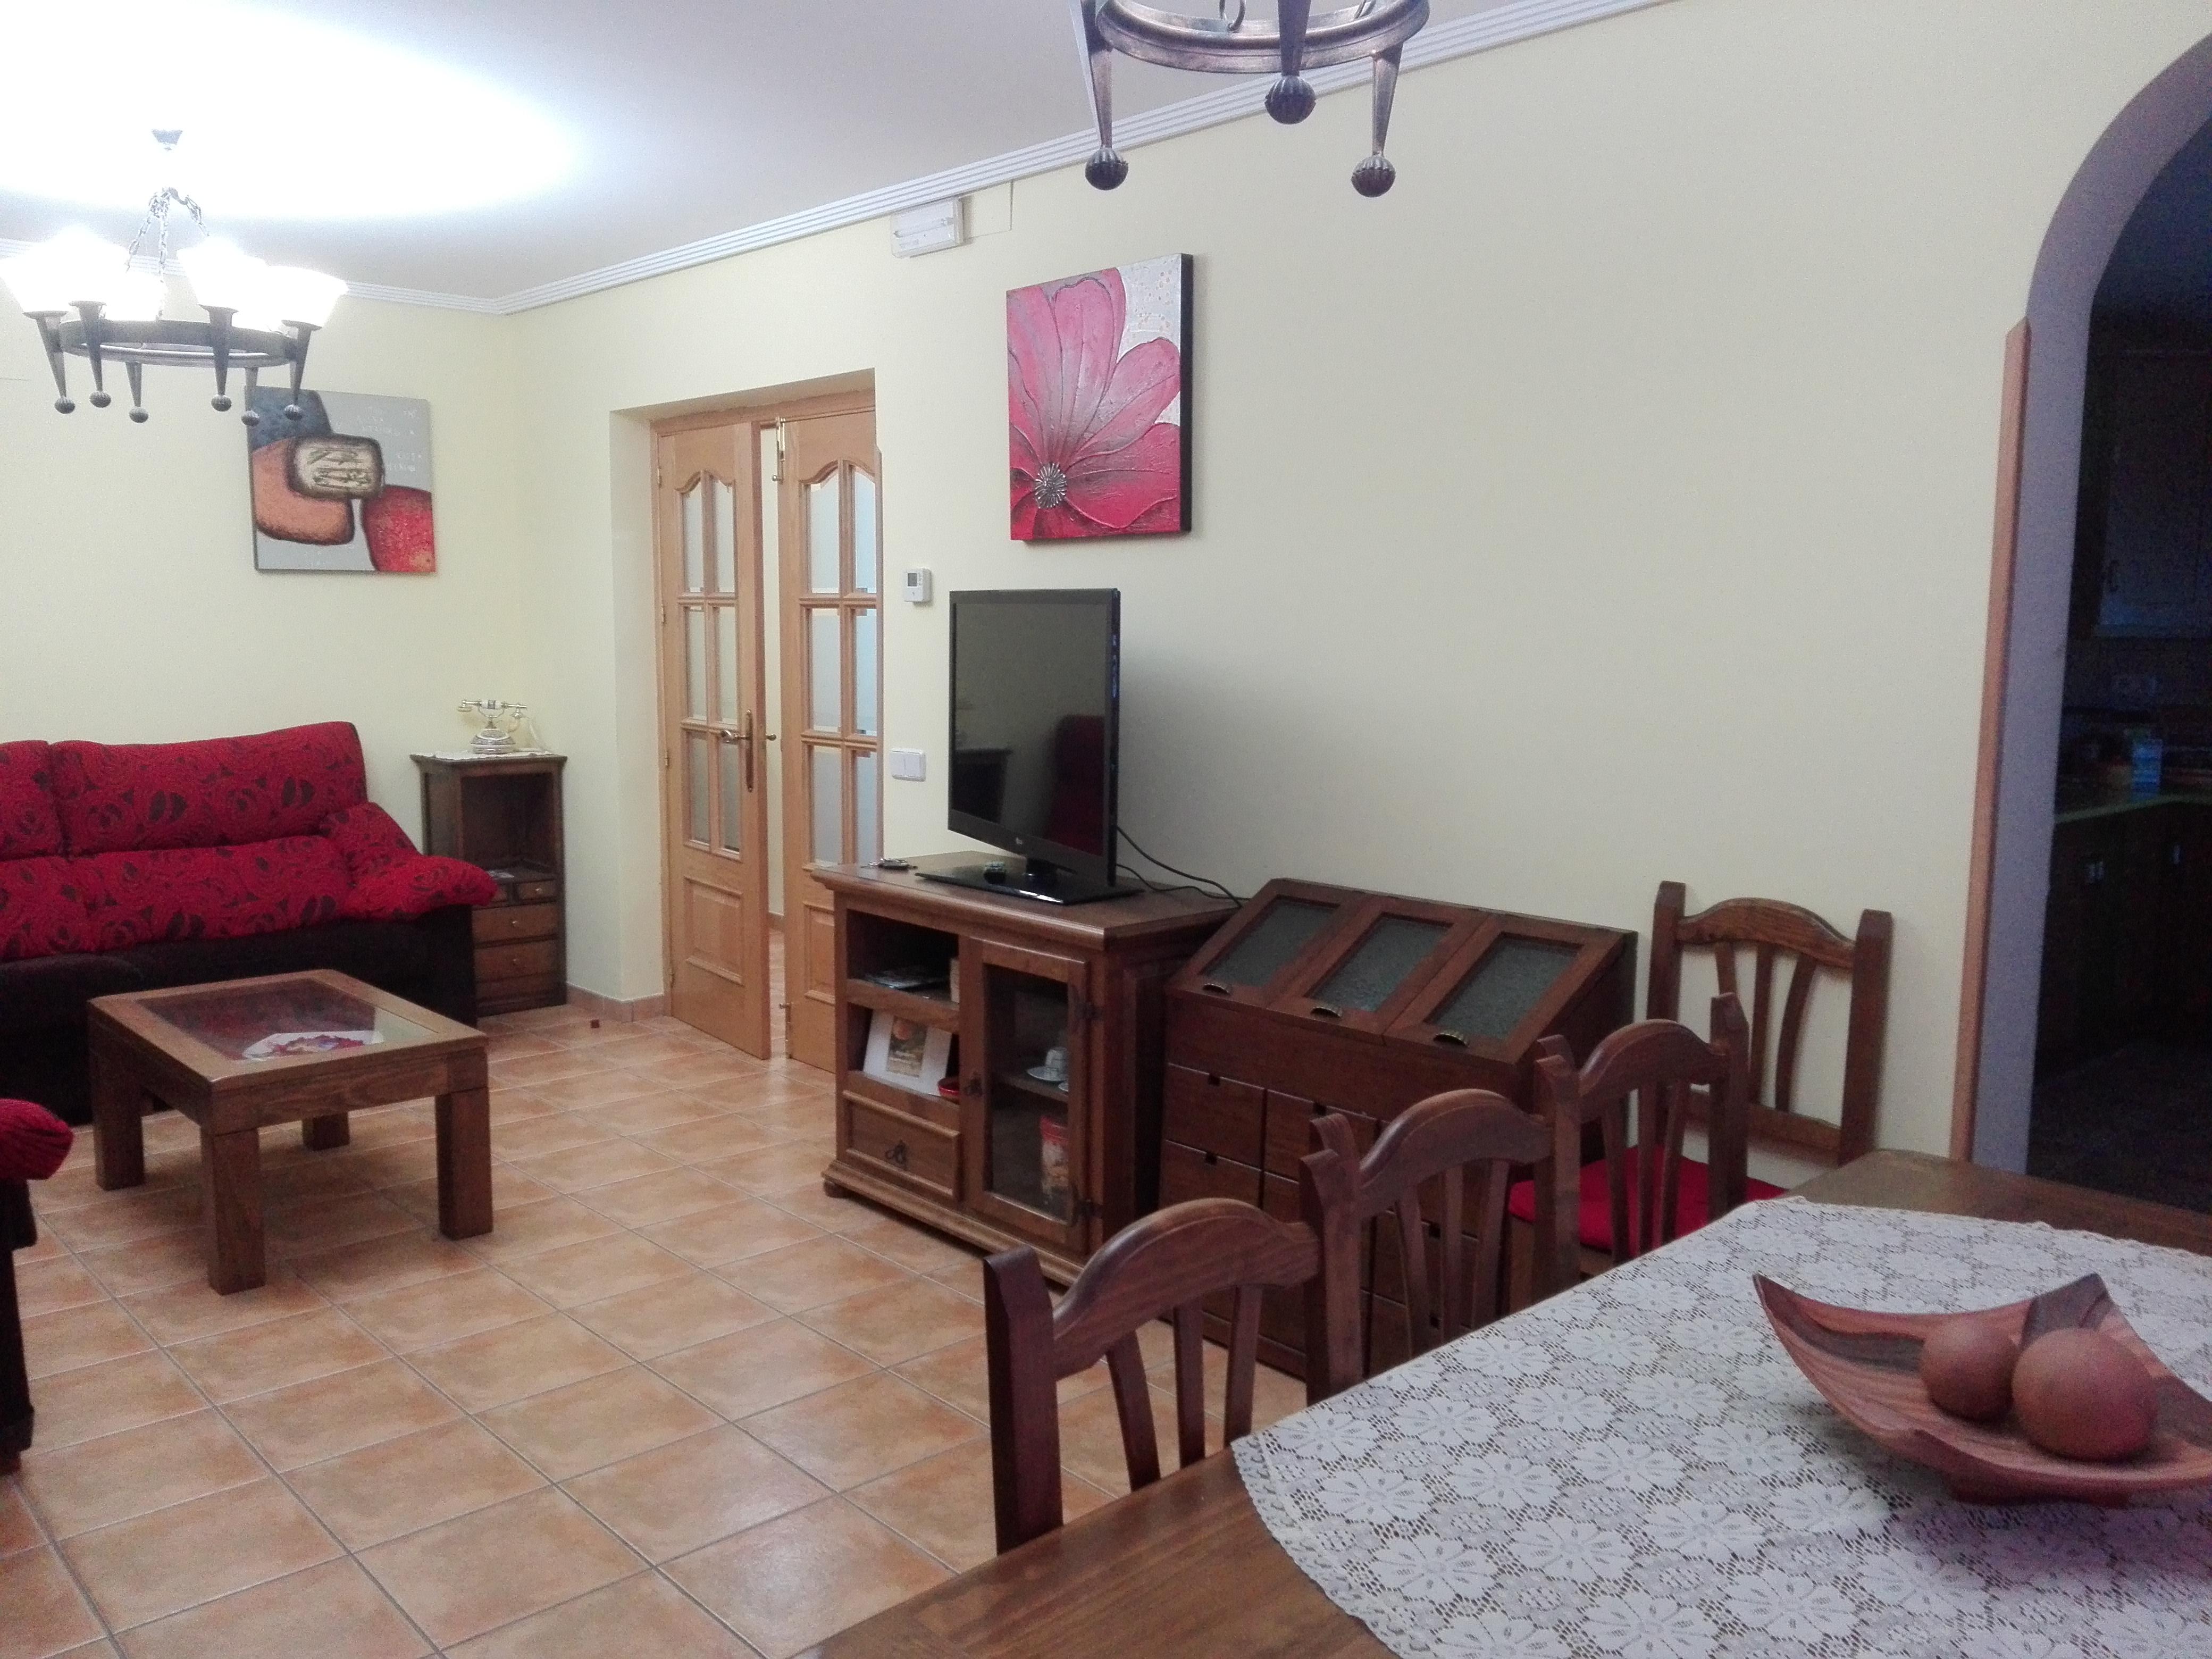 Ferienhaus Lndliches Haus Castellar de Santiago (2515123), Castellar de Santiago, Ciudad Real, Kastilien-La Mancha, Spanien, Bild 23